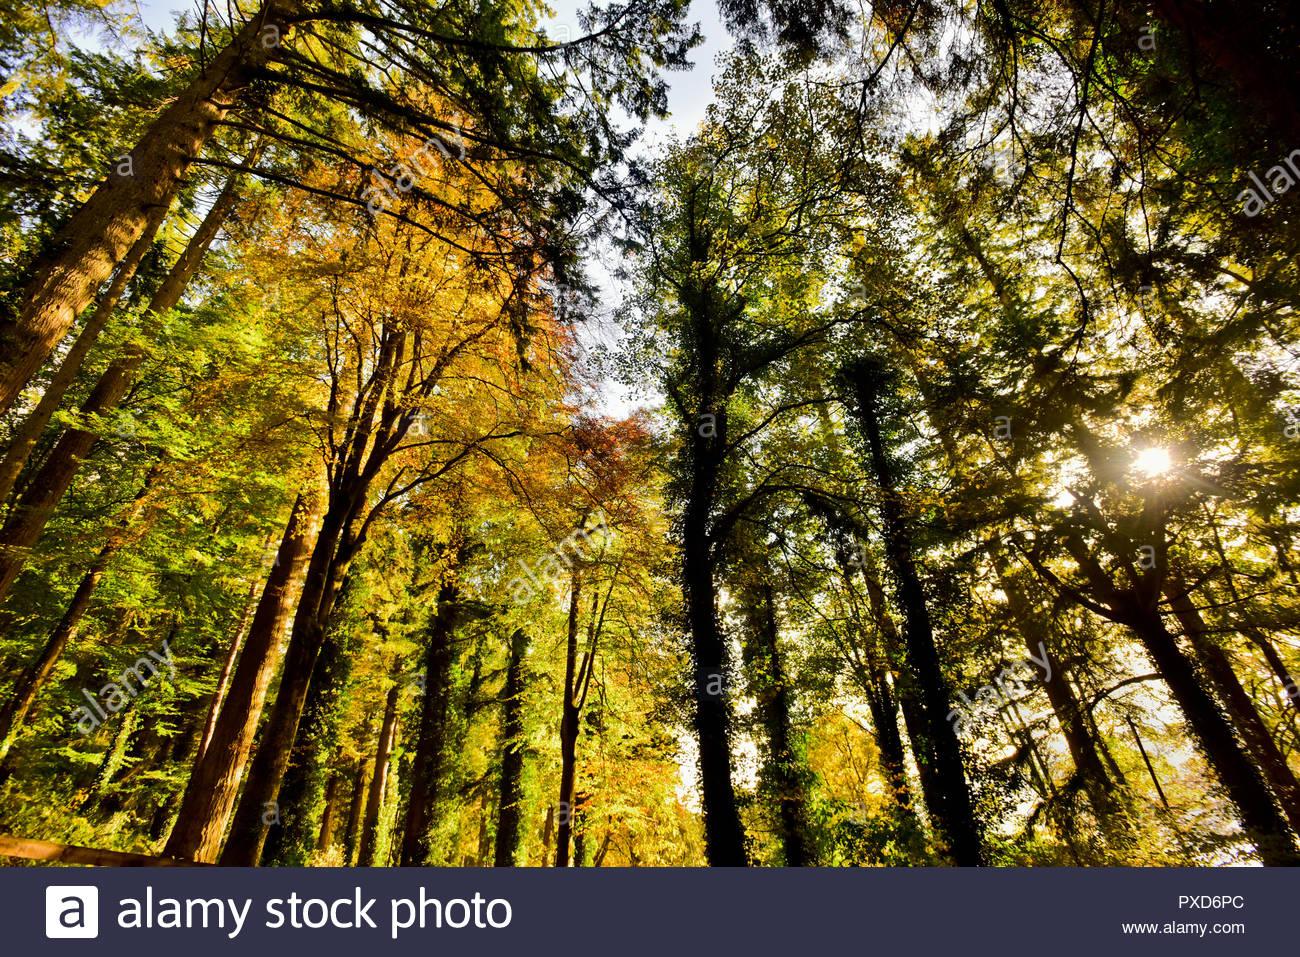 Otoño sol brillando a través de los árboles en el lago Vyrnwyin Powys, Gales, Reino Unido Foto de stock